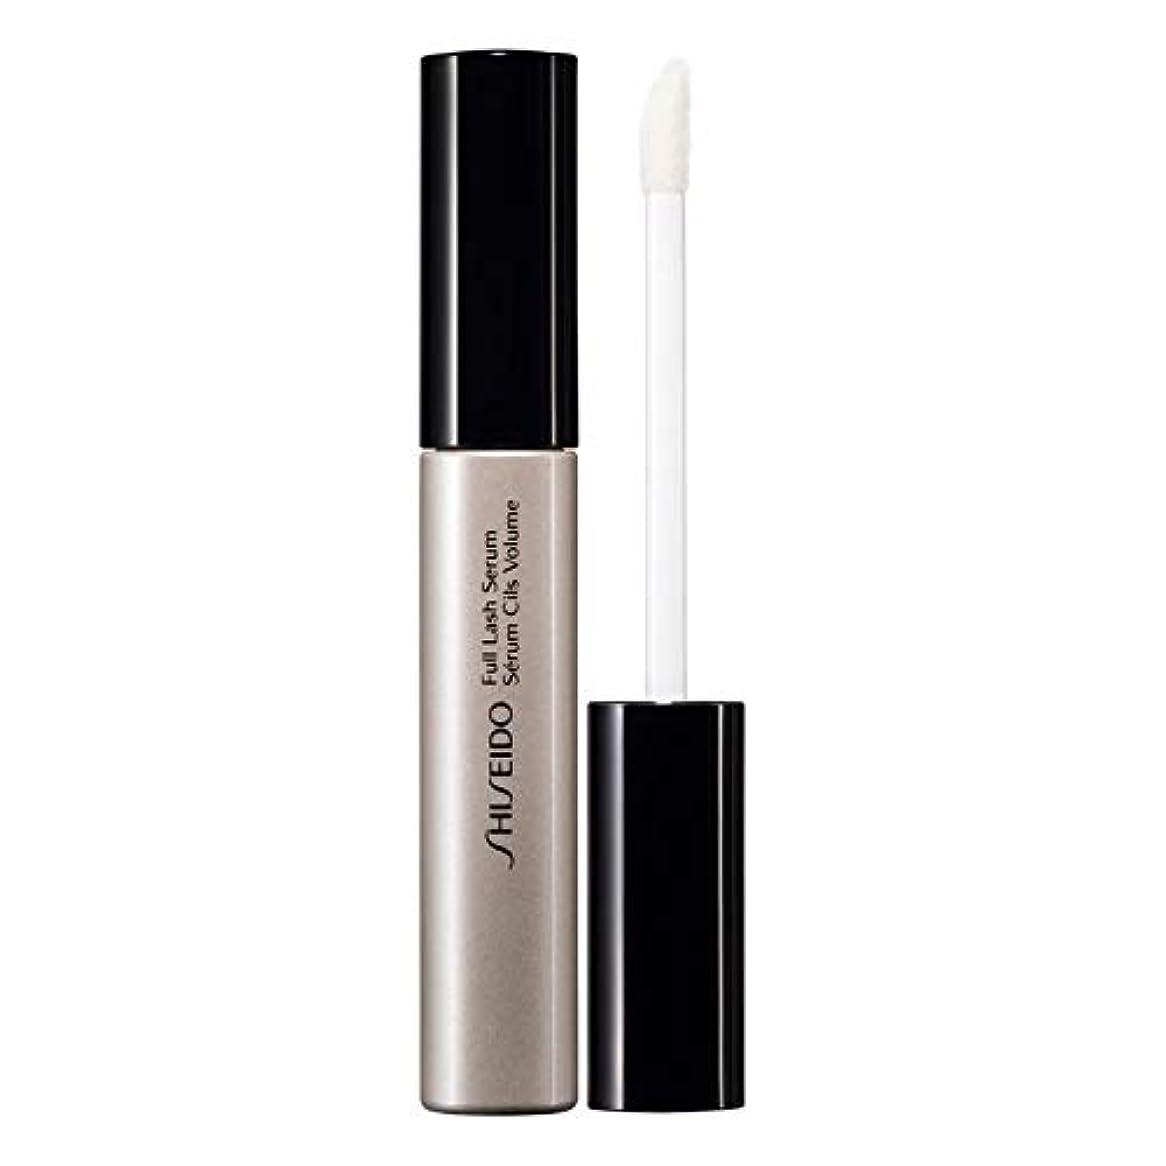 リテラシー個性公平な[Shiseido] 資生堂フルラッシュ血清 - Shiseido Full Lash Serum [並行輸入品]